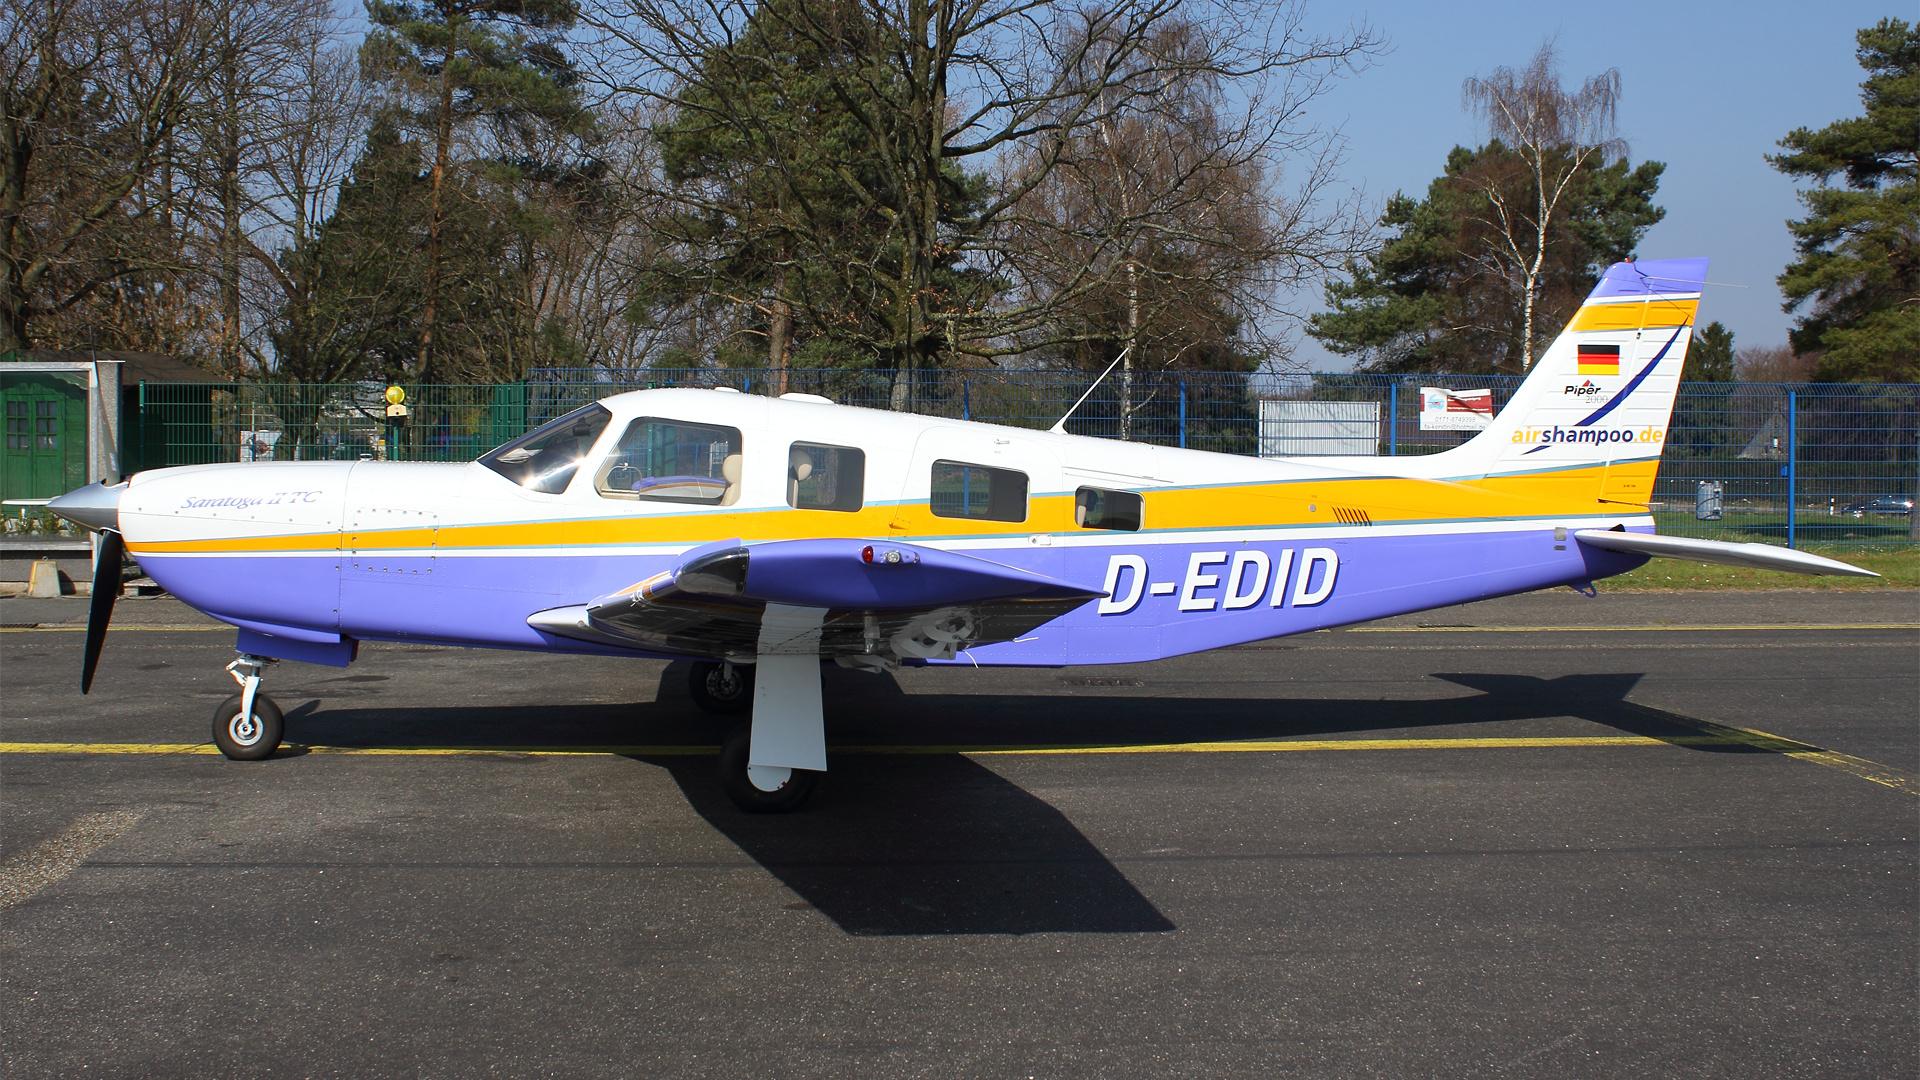 D-EDID-1 PA32 ESS 201403